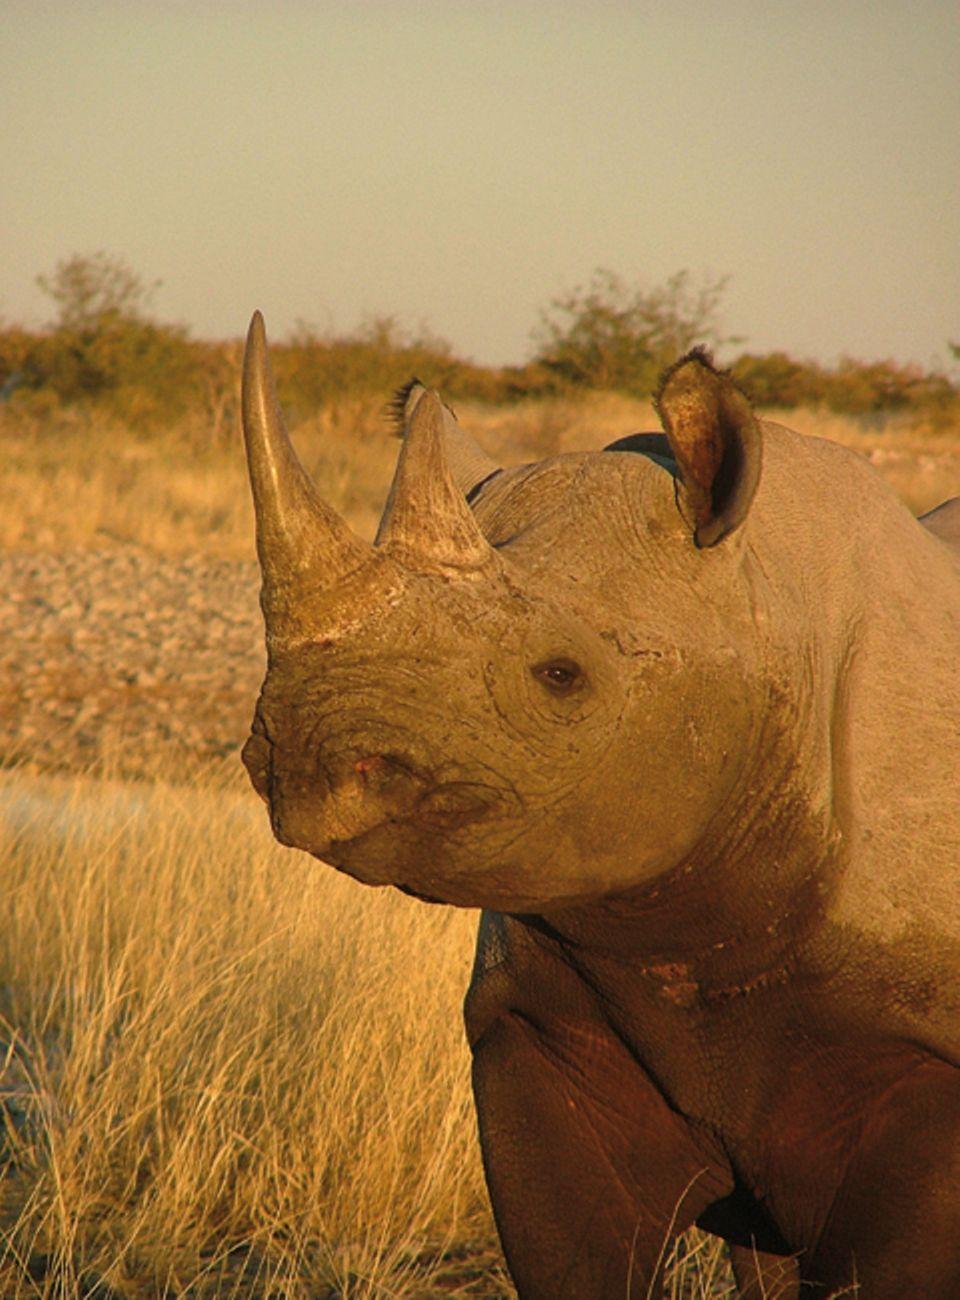 Nashörner: Das Problem der Wilderei gibt es schon lange: In den 1970er und 1980er Jahren war es besonders schlimm. Damals töteten Wilderer 98 Prozent der gesamten Population